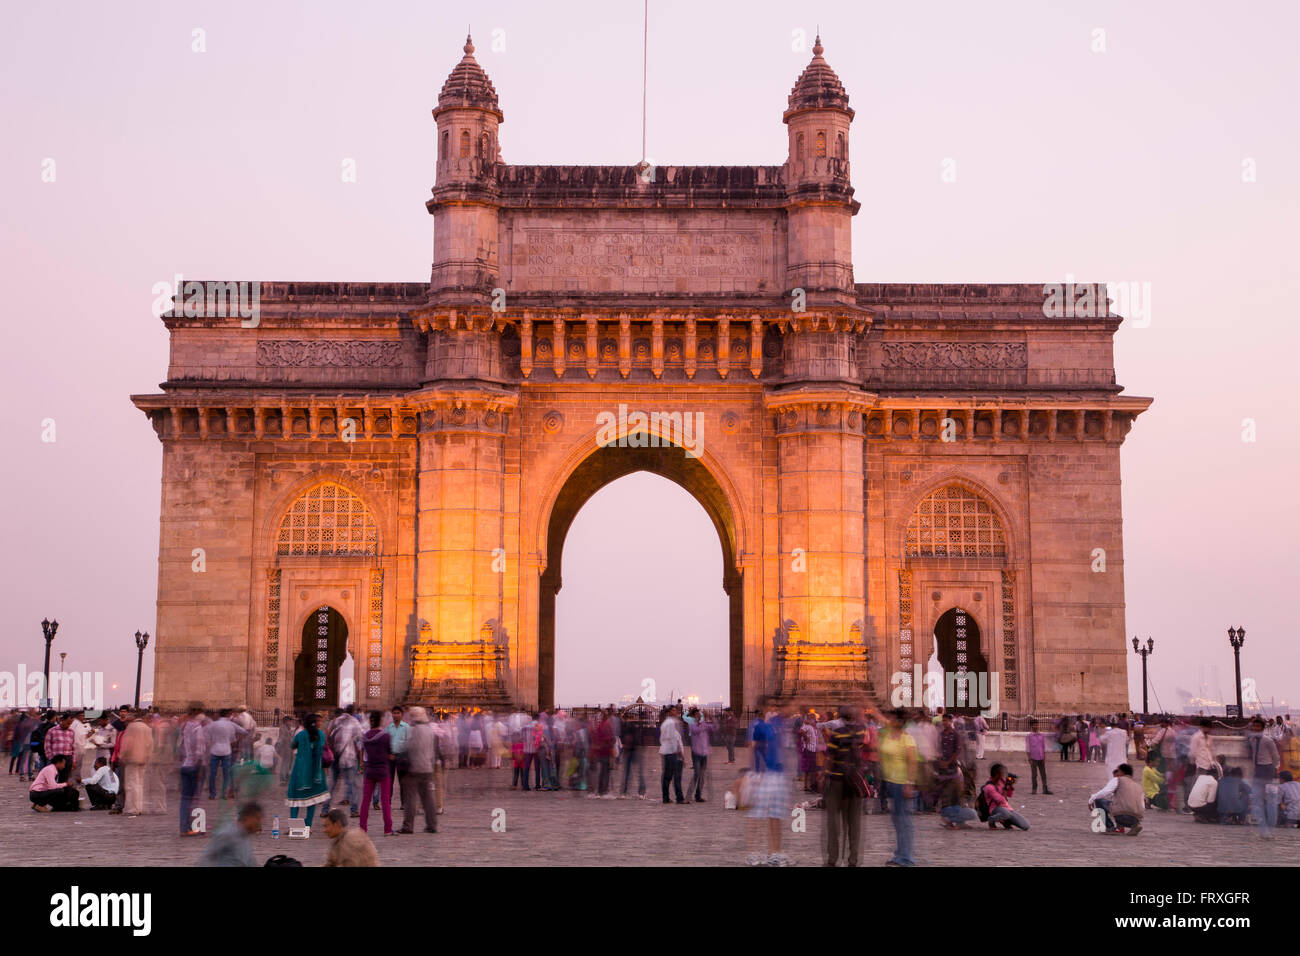 Les gens en face de la porte de l'Inde au crépuscule, Mumbai, Maharashtra, Inde Photo Stock